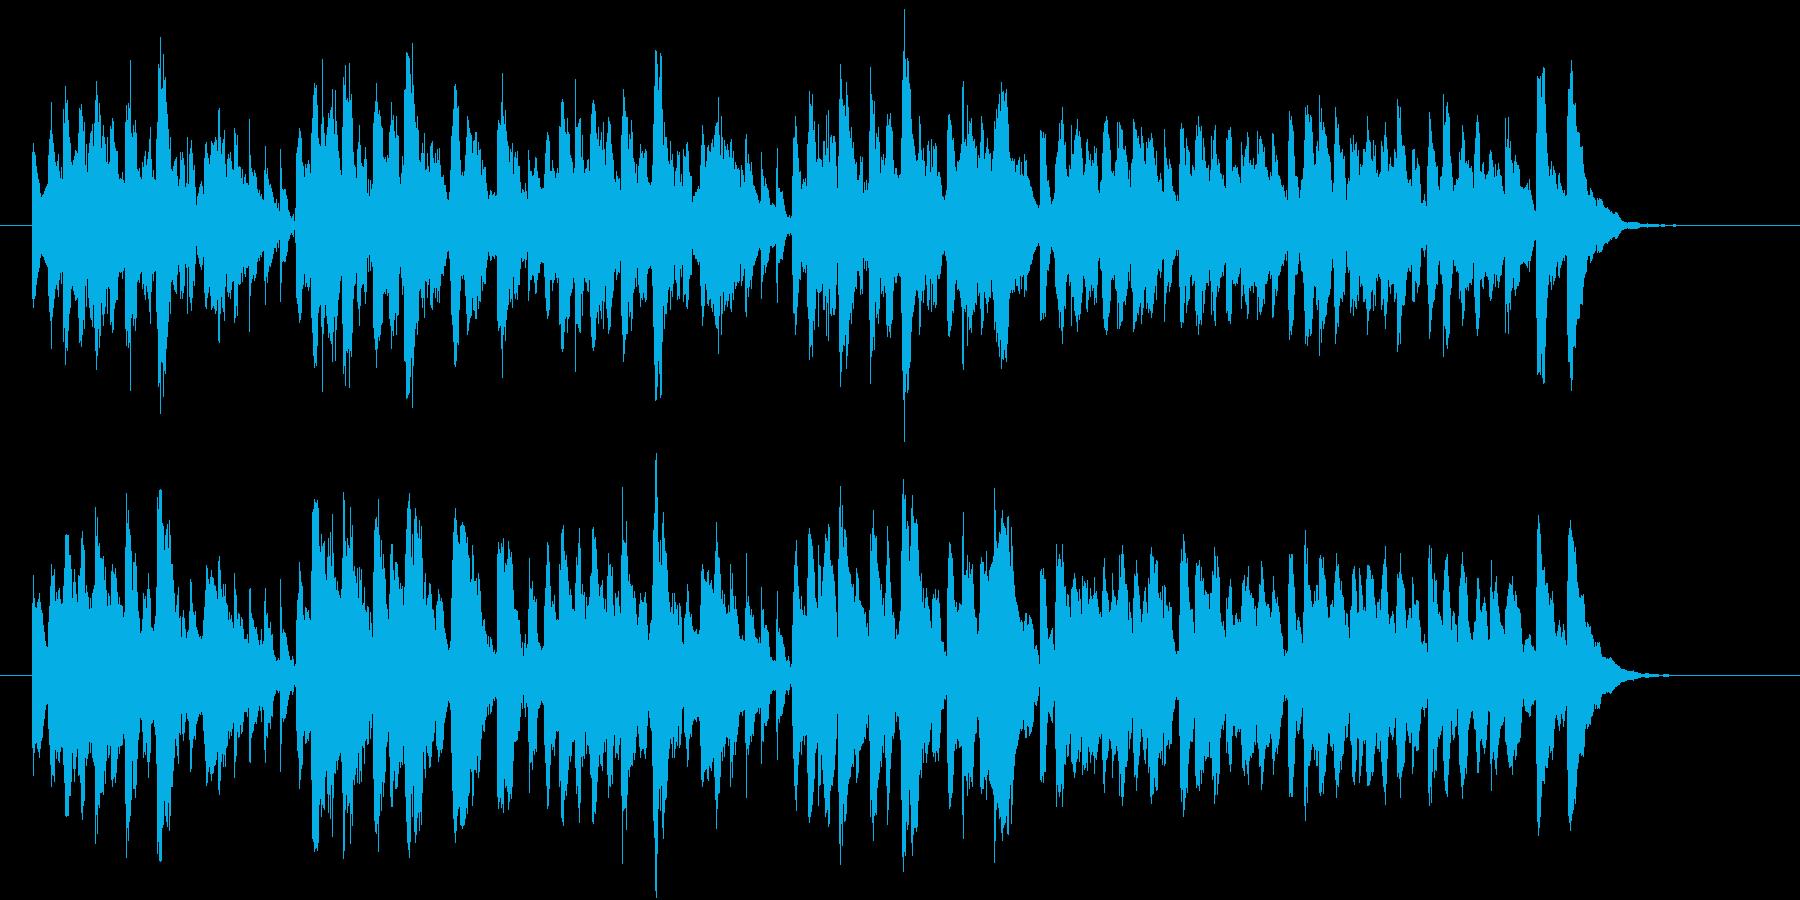 リコーダーが奏でるヒーリングミュージックの再生済みの波形